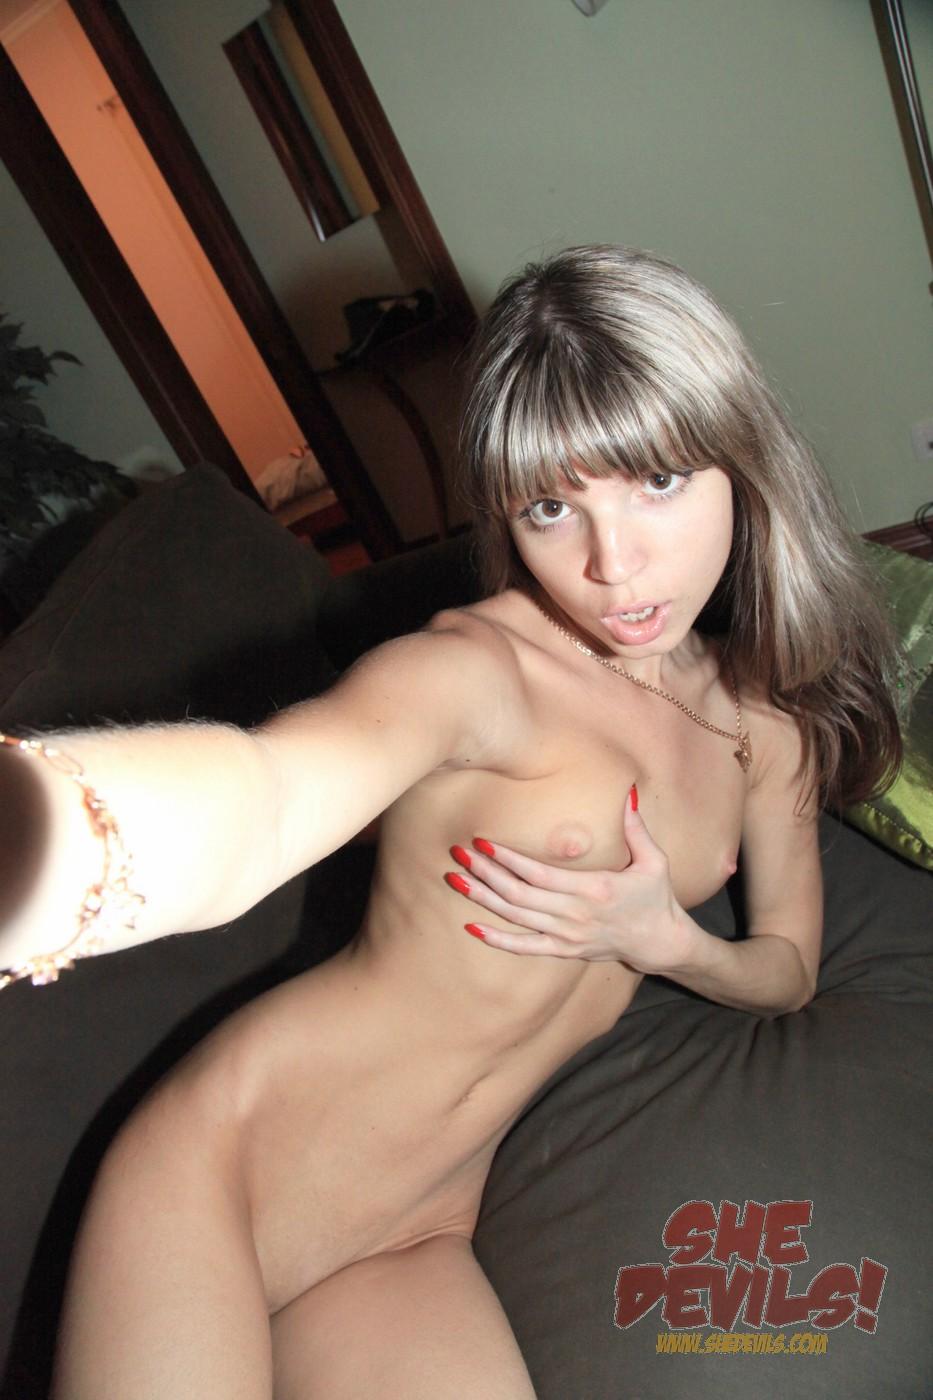 Non Nude Webcam Girls